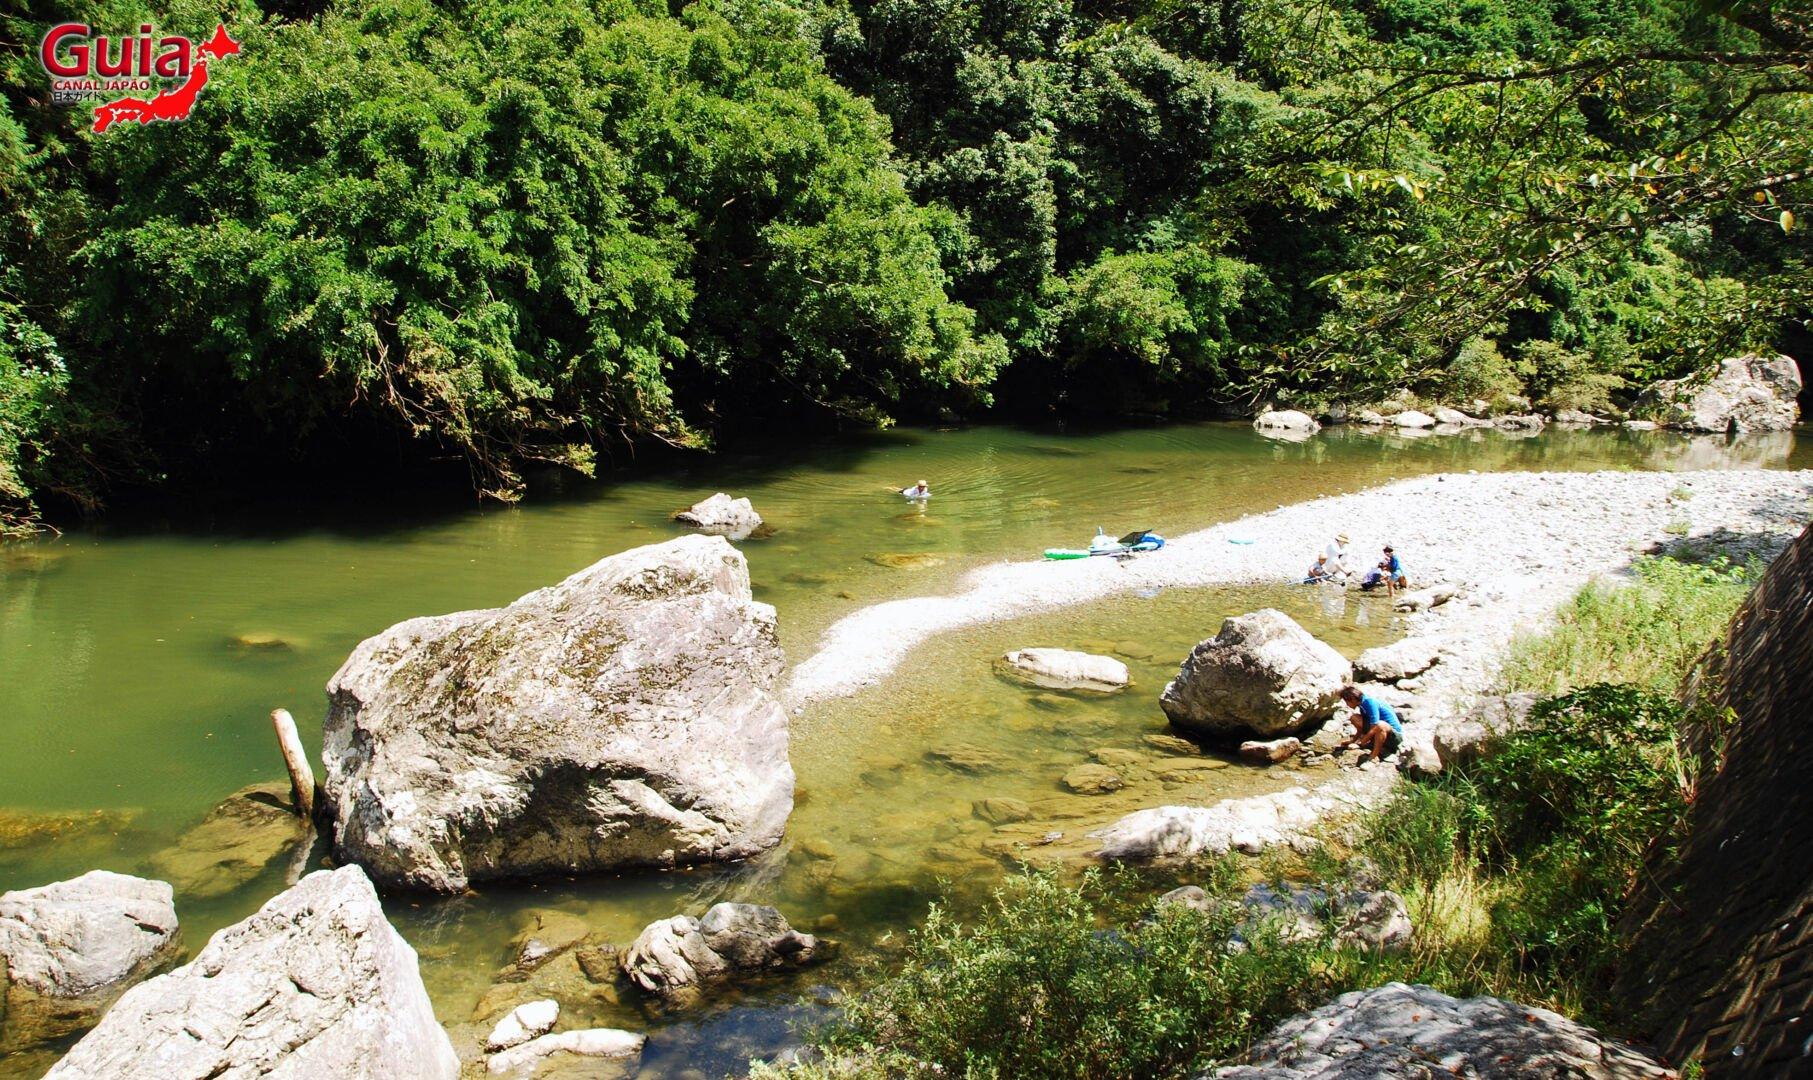 Cachoeira Sengen - 仙厳の滝 8